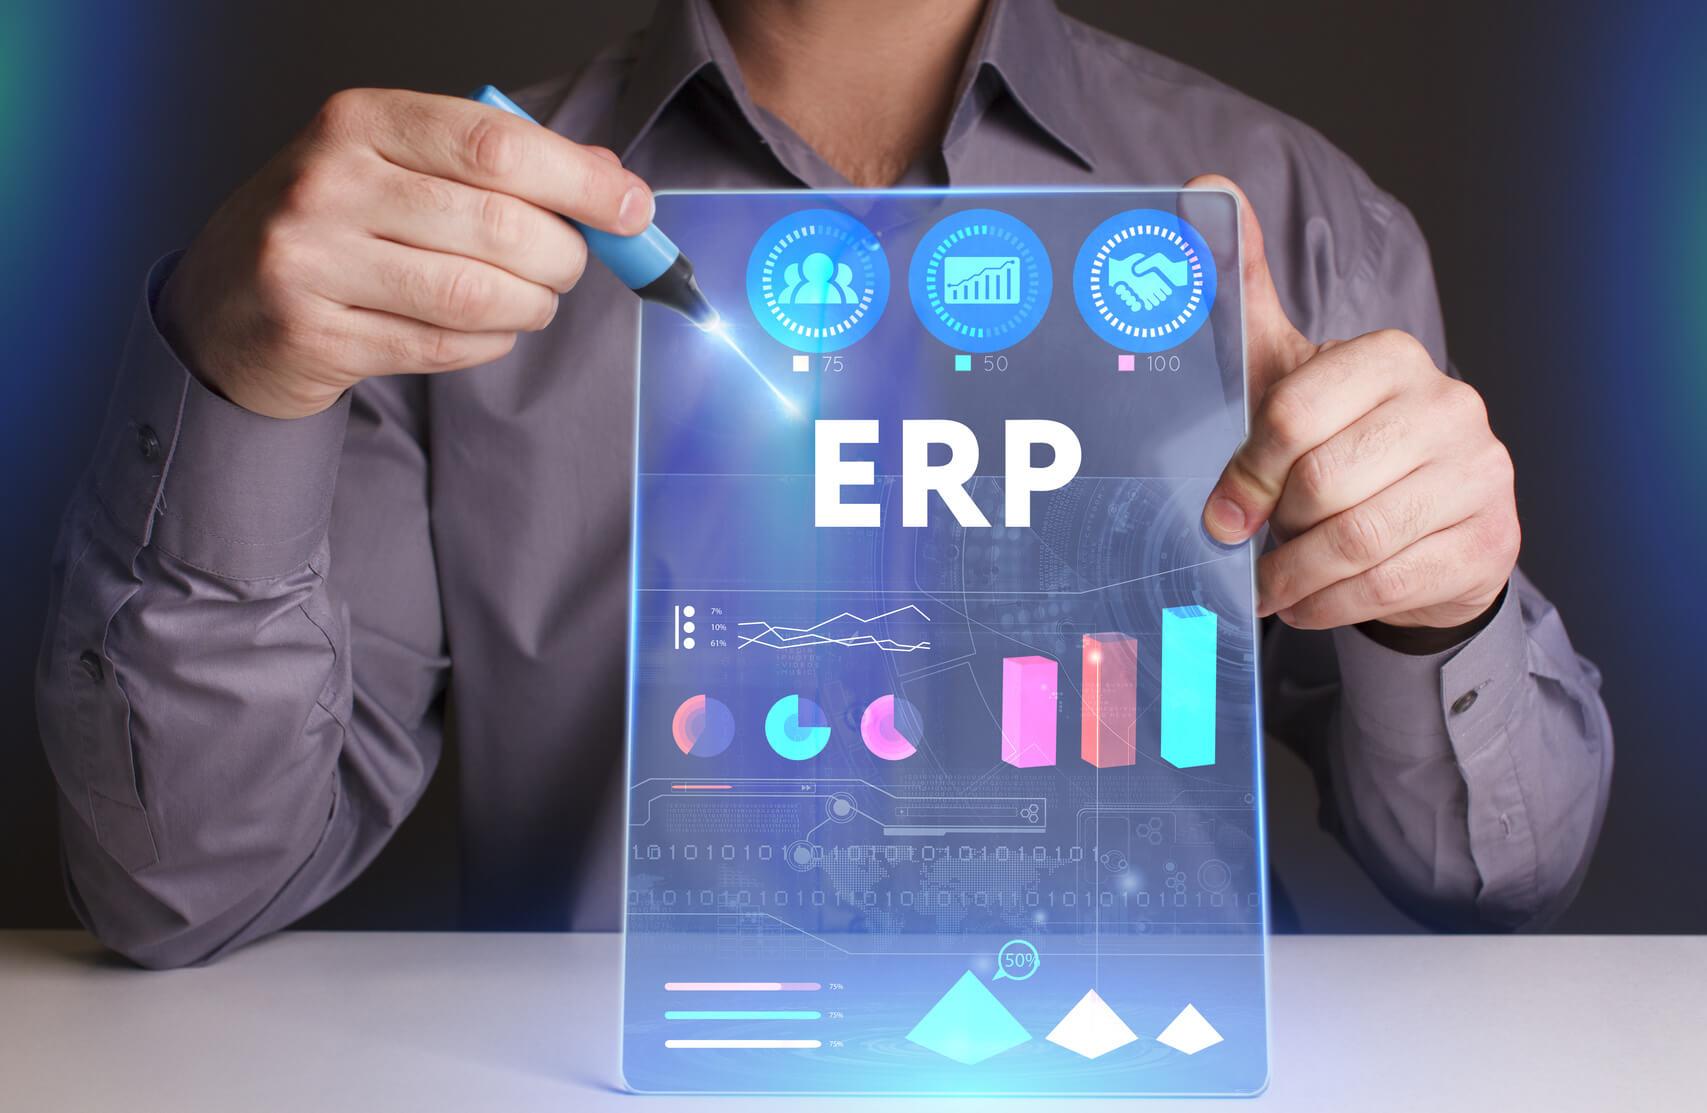 Os softwares de gestão empresarial são a melhor solução contra desperdício de tempo e dinheiro